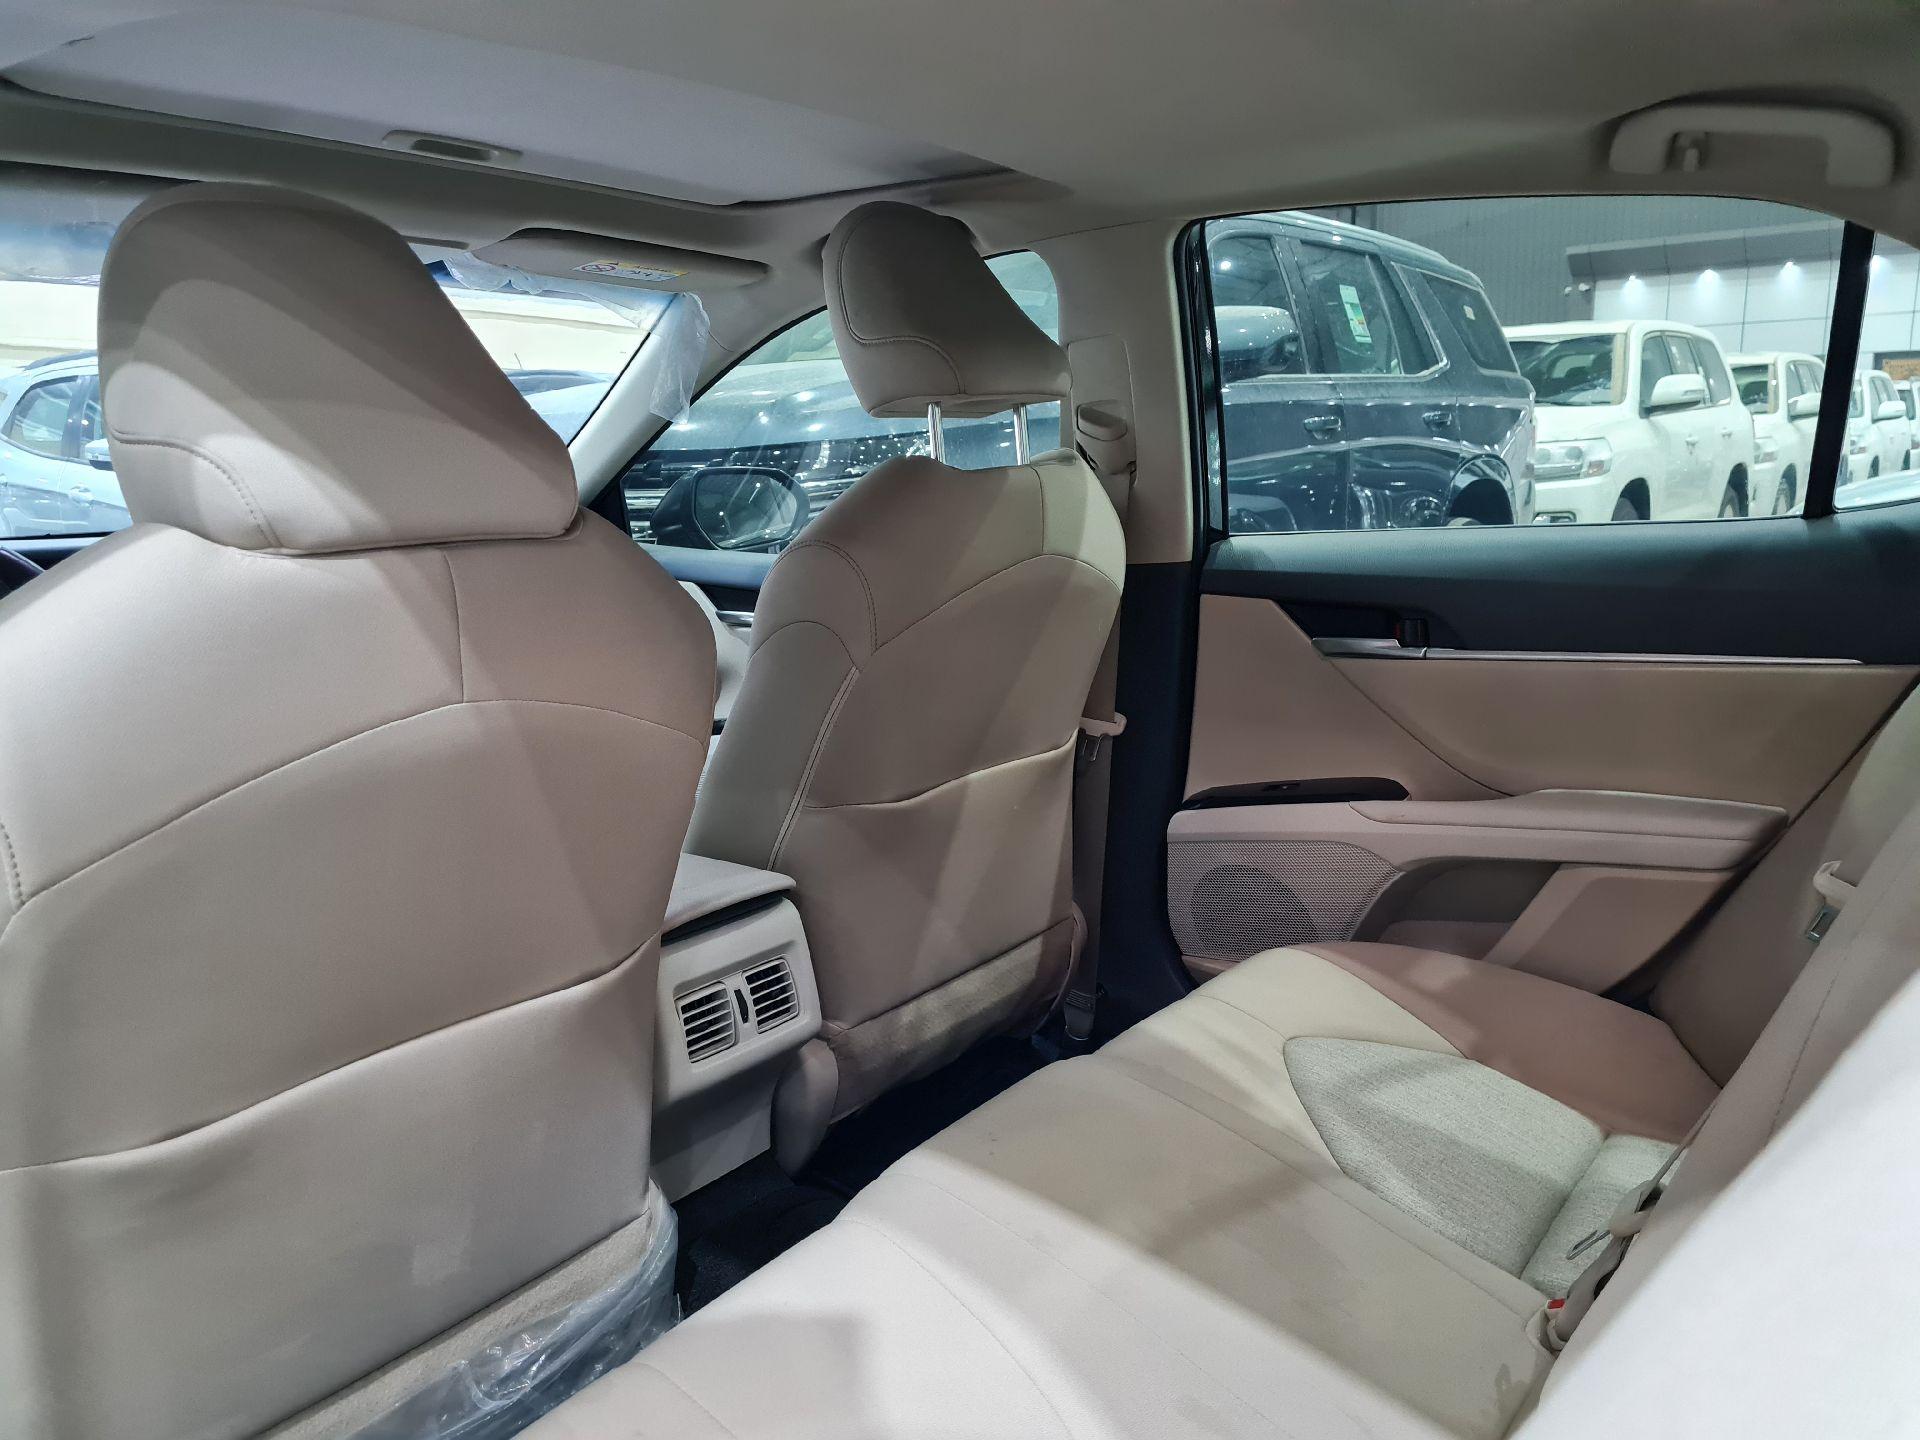 تويوتا كامري GLE سعودي 2019 فل للبيع في الرياض - السعودية - صورة كبيرة - 9